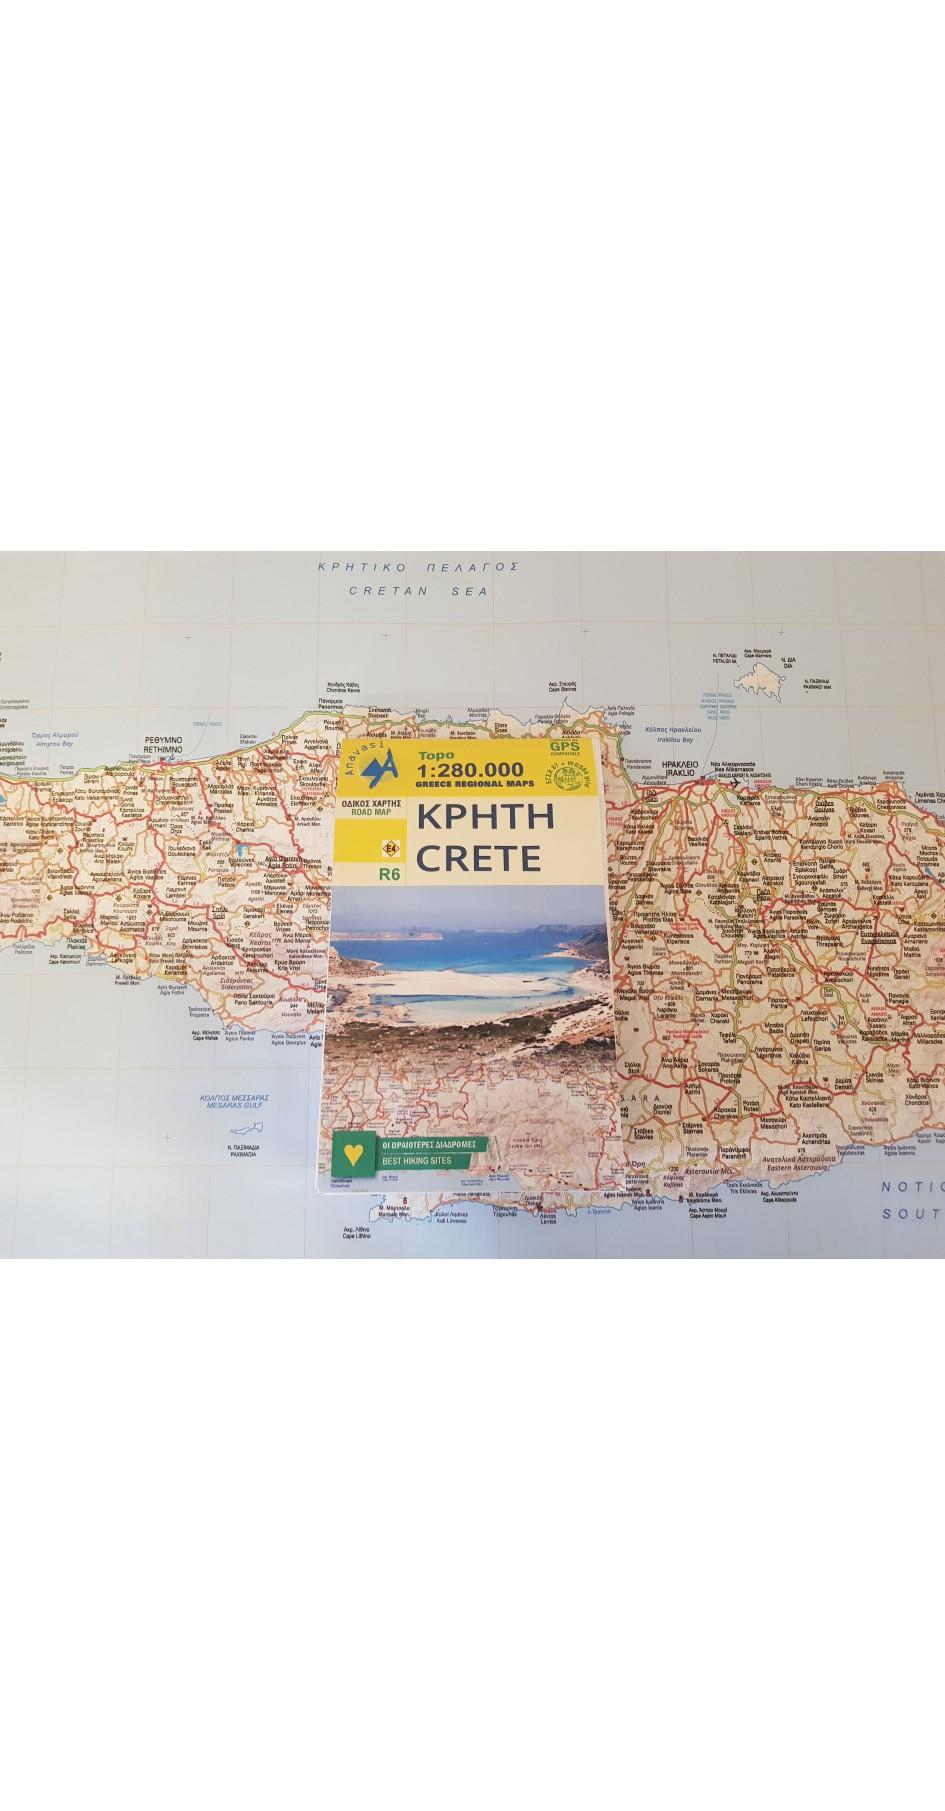 Crete [R6]